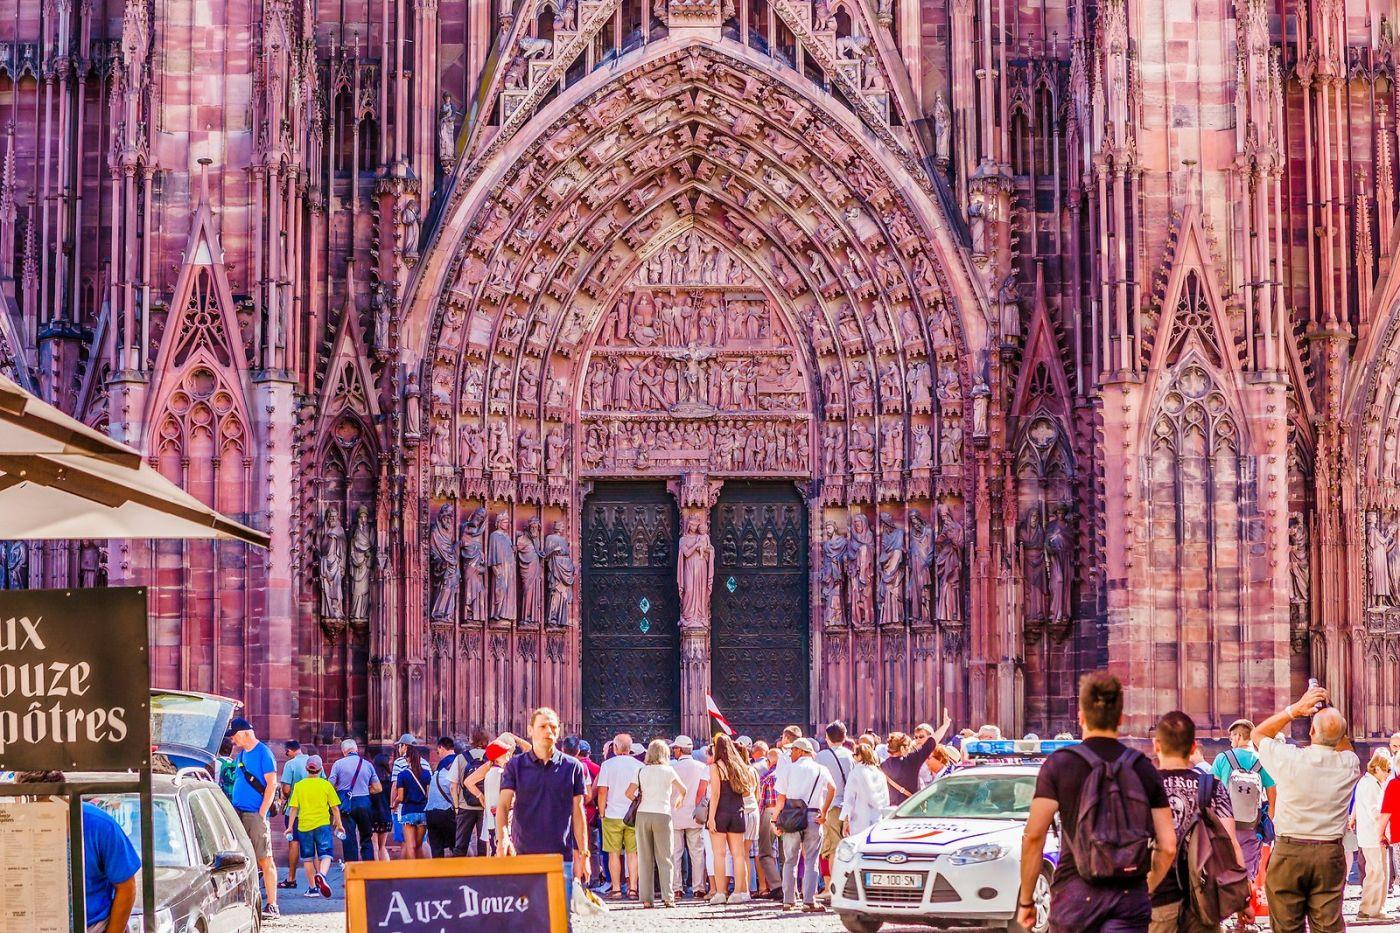 法国斯特拉斯堡(Strasbourg),八百年的主教堂_图1-37